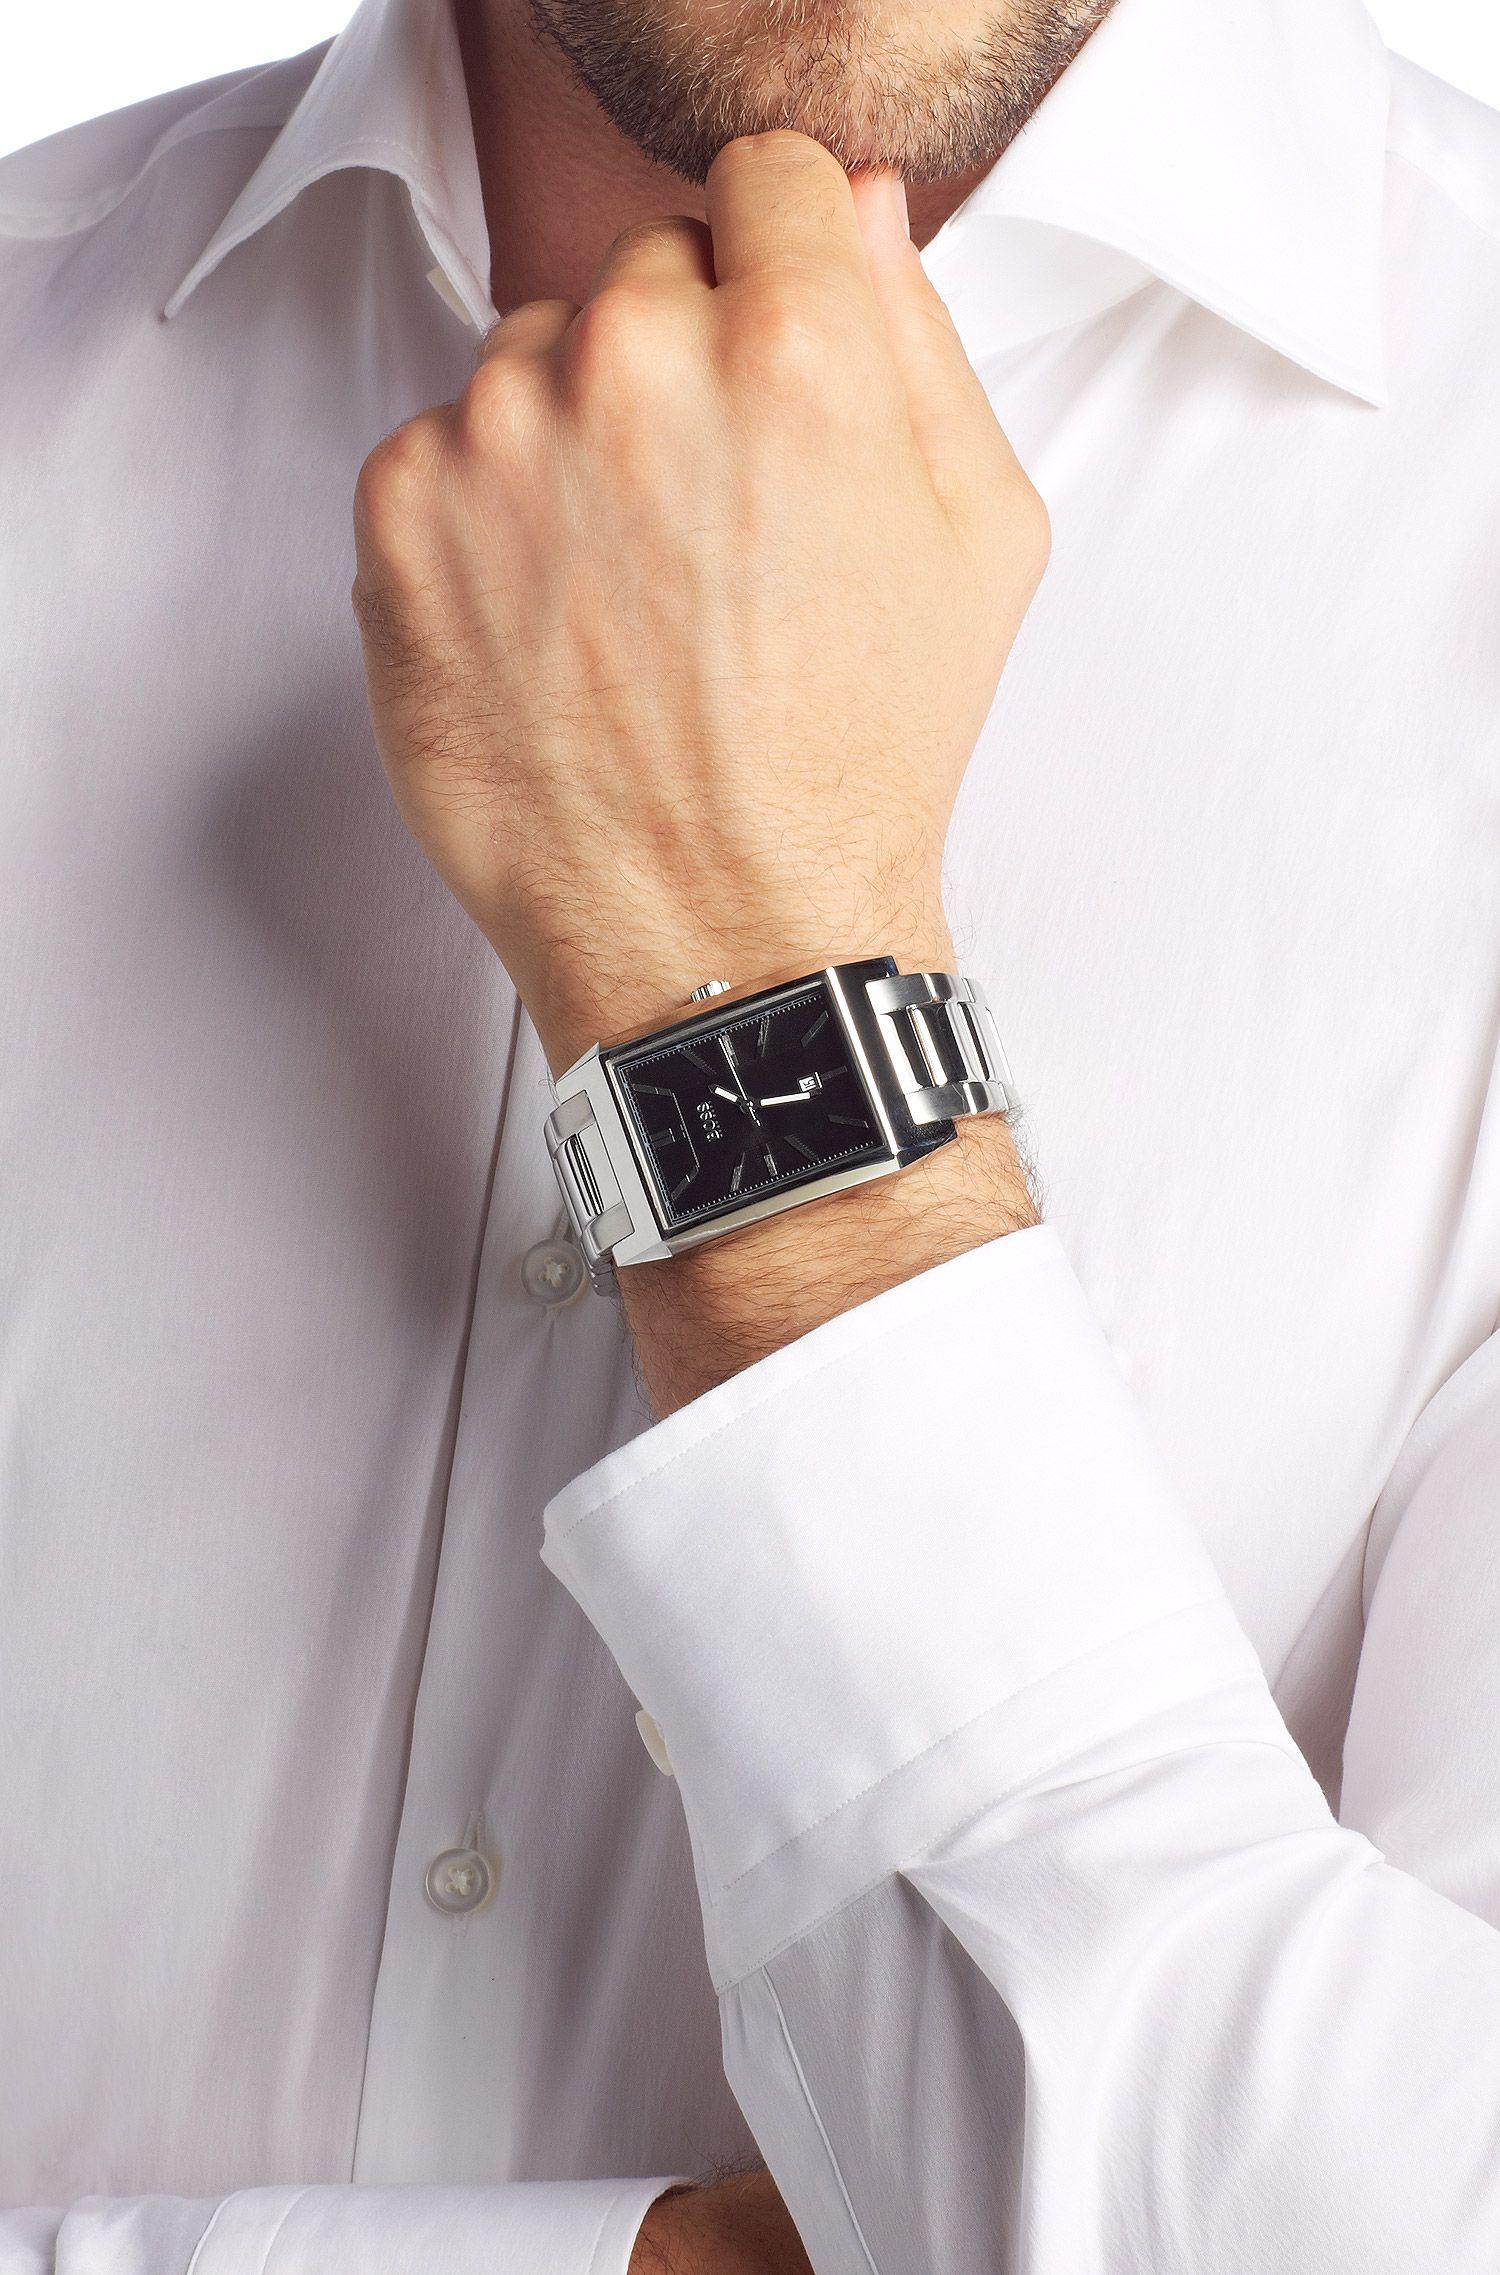 Herenhorloge 'HB6001' met roestvrijstalen armband